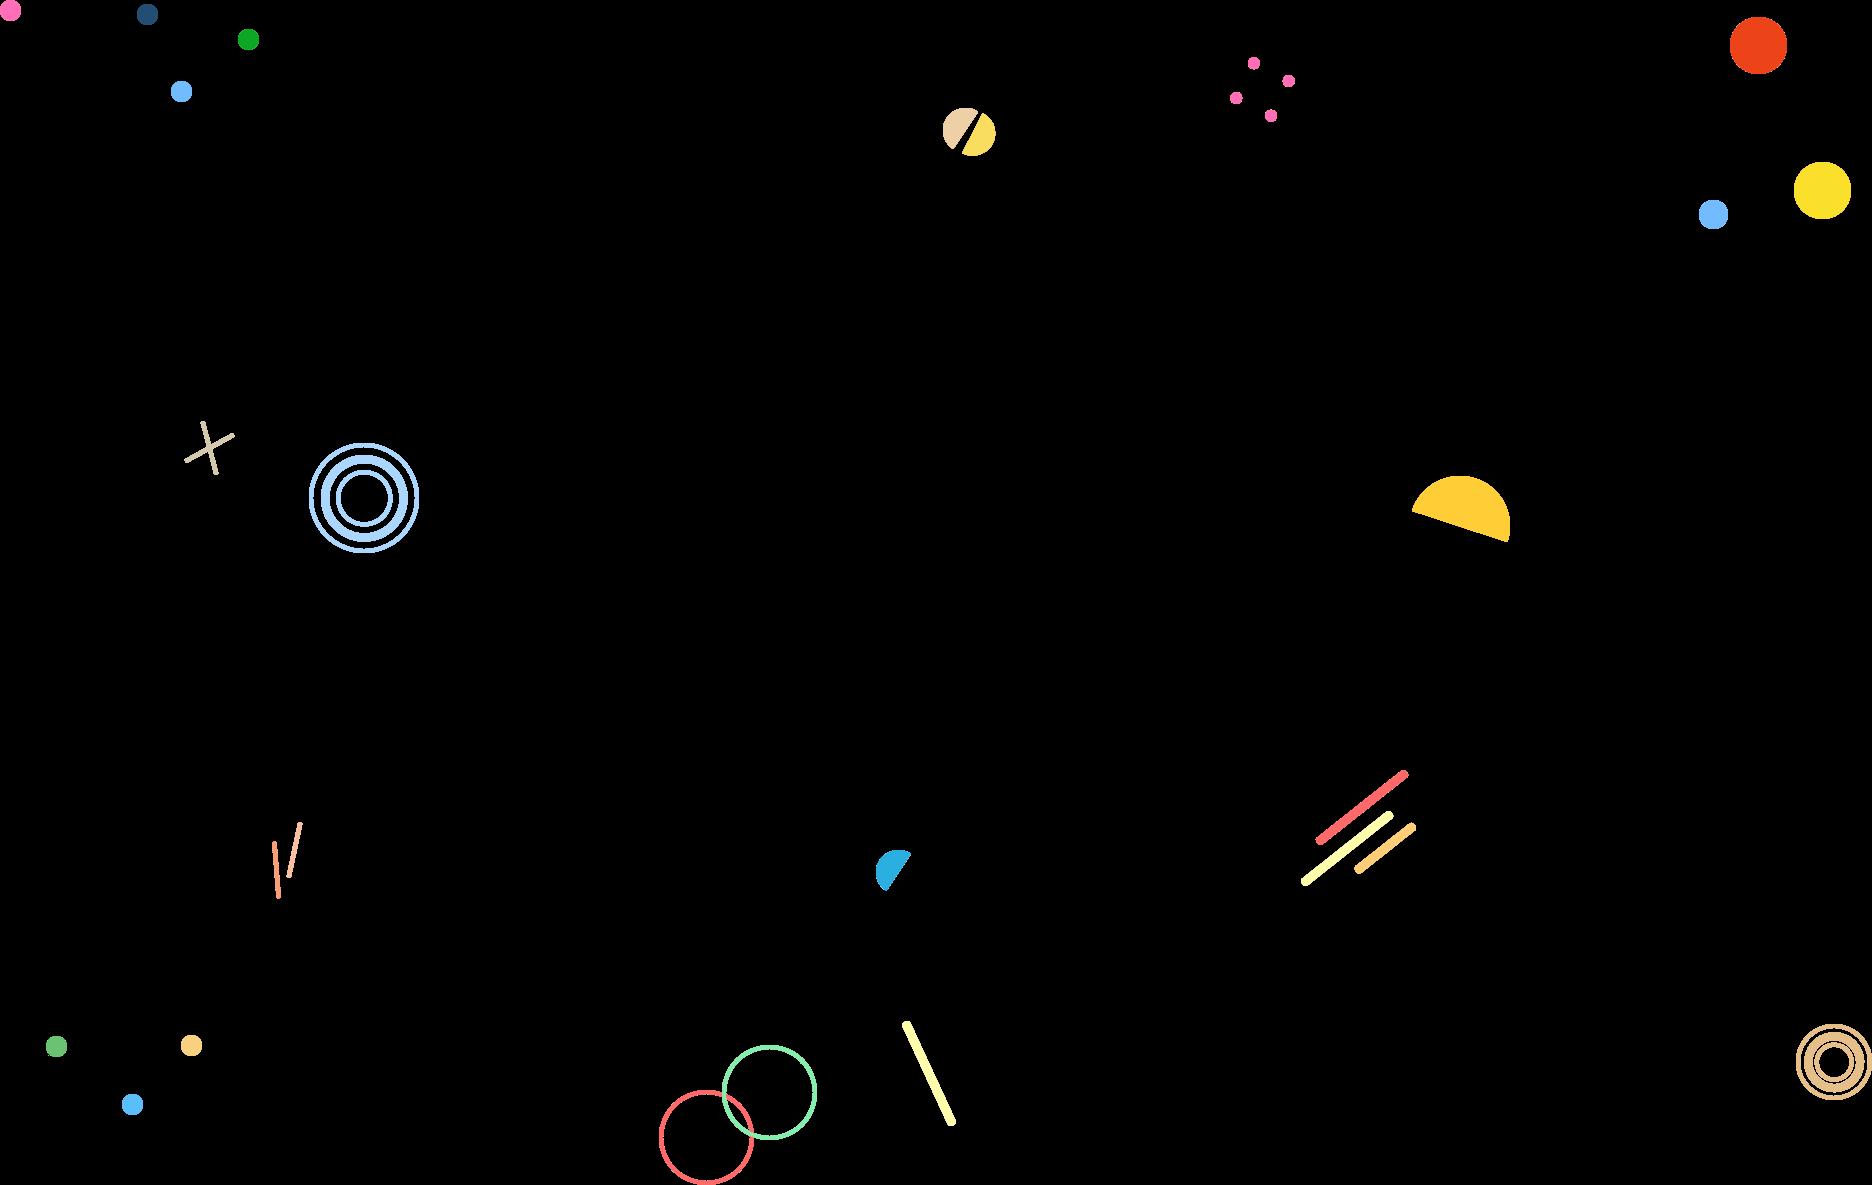 różne, kolorowe kształty